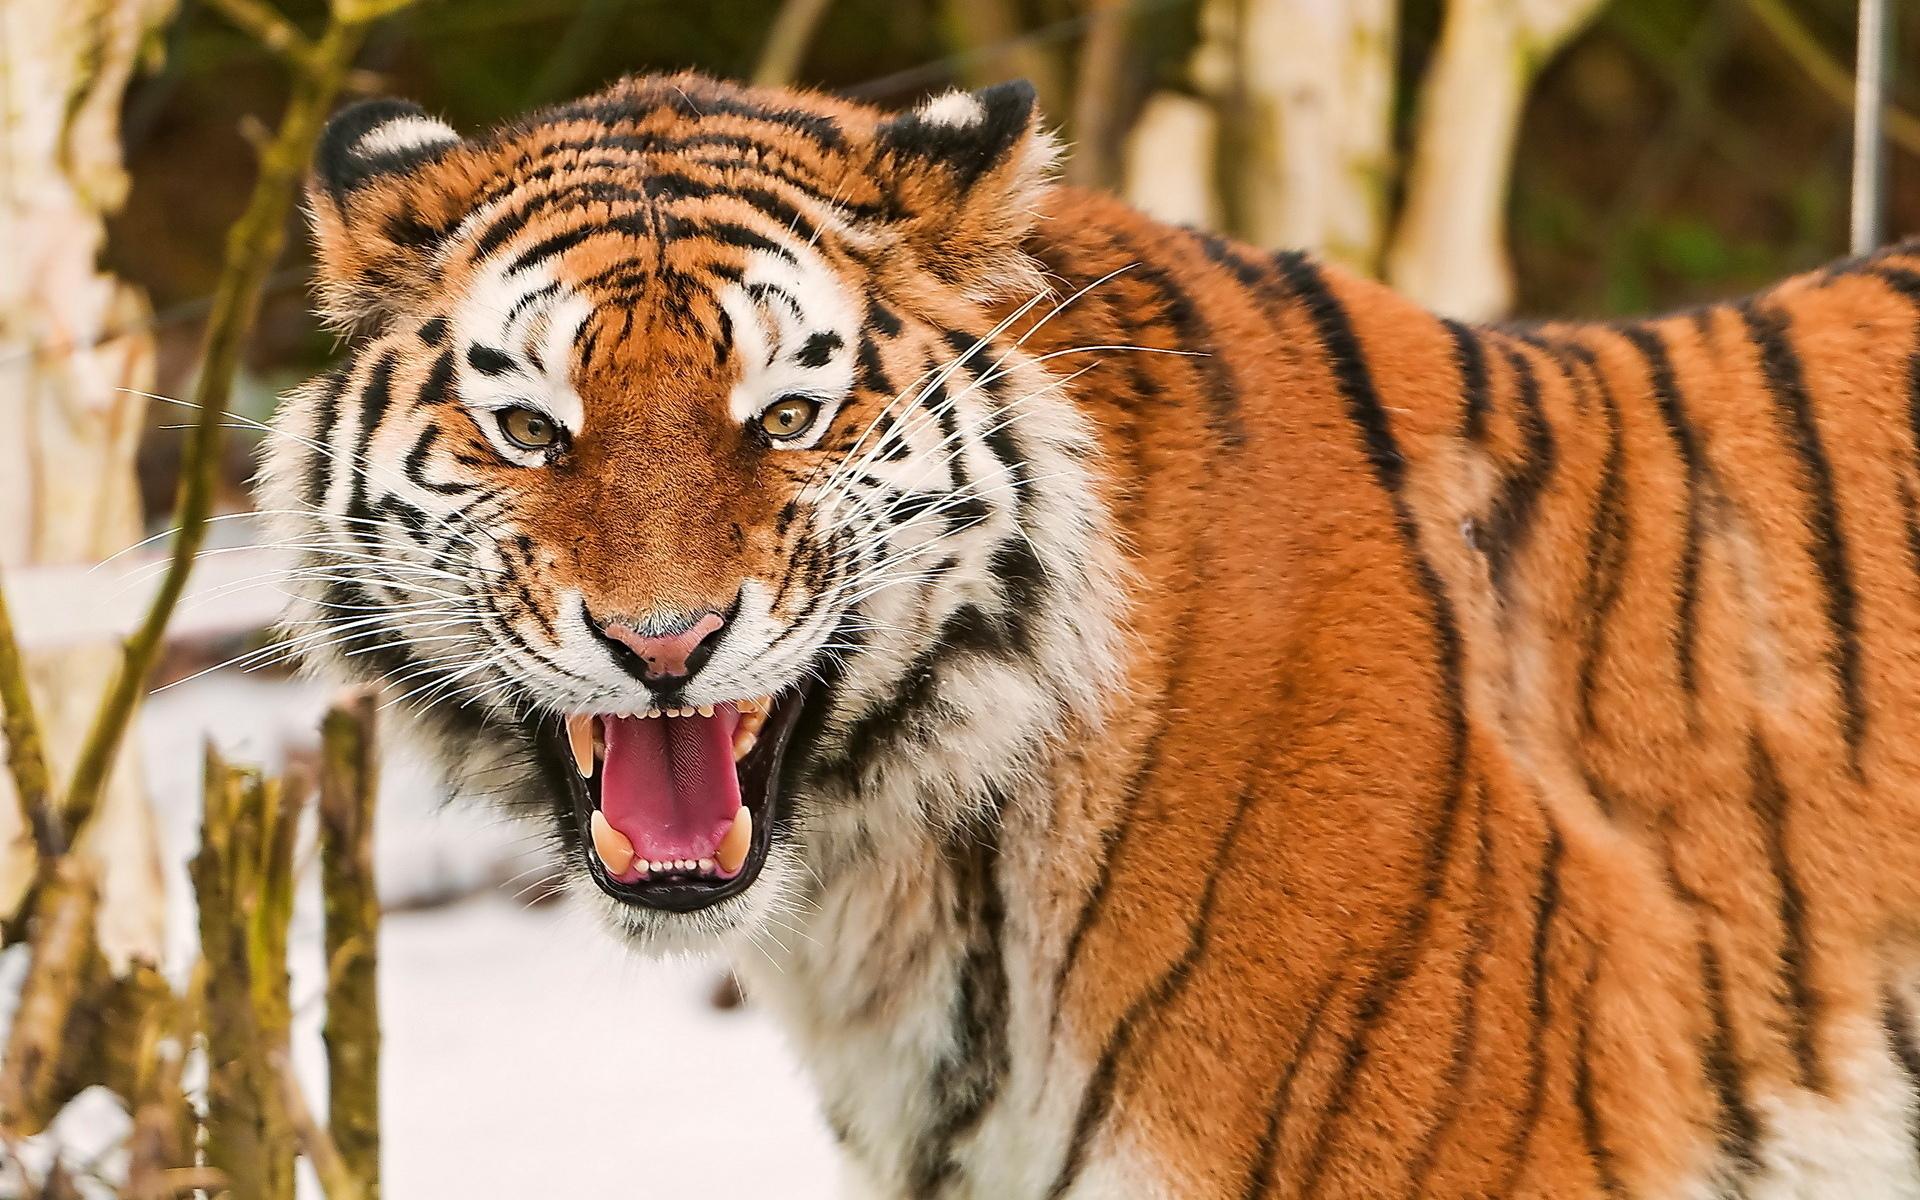 Roar animals cats tiger face eyes pov pattern stripes ...